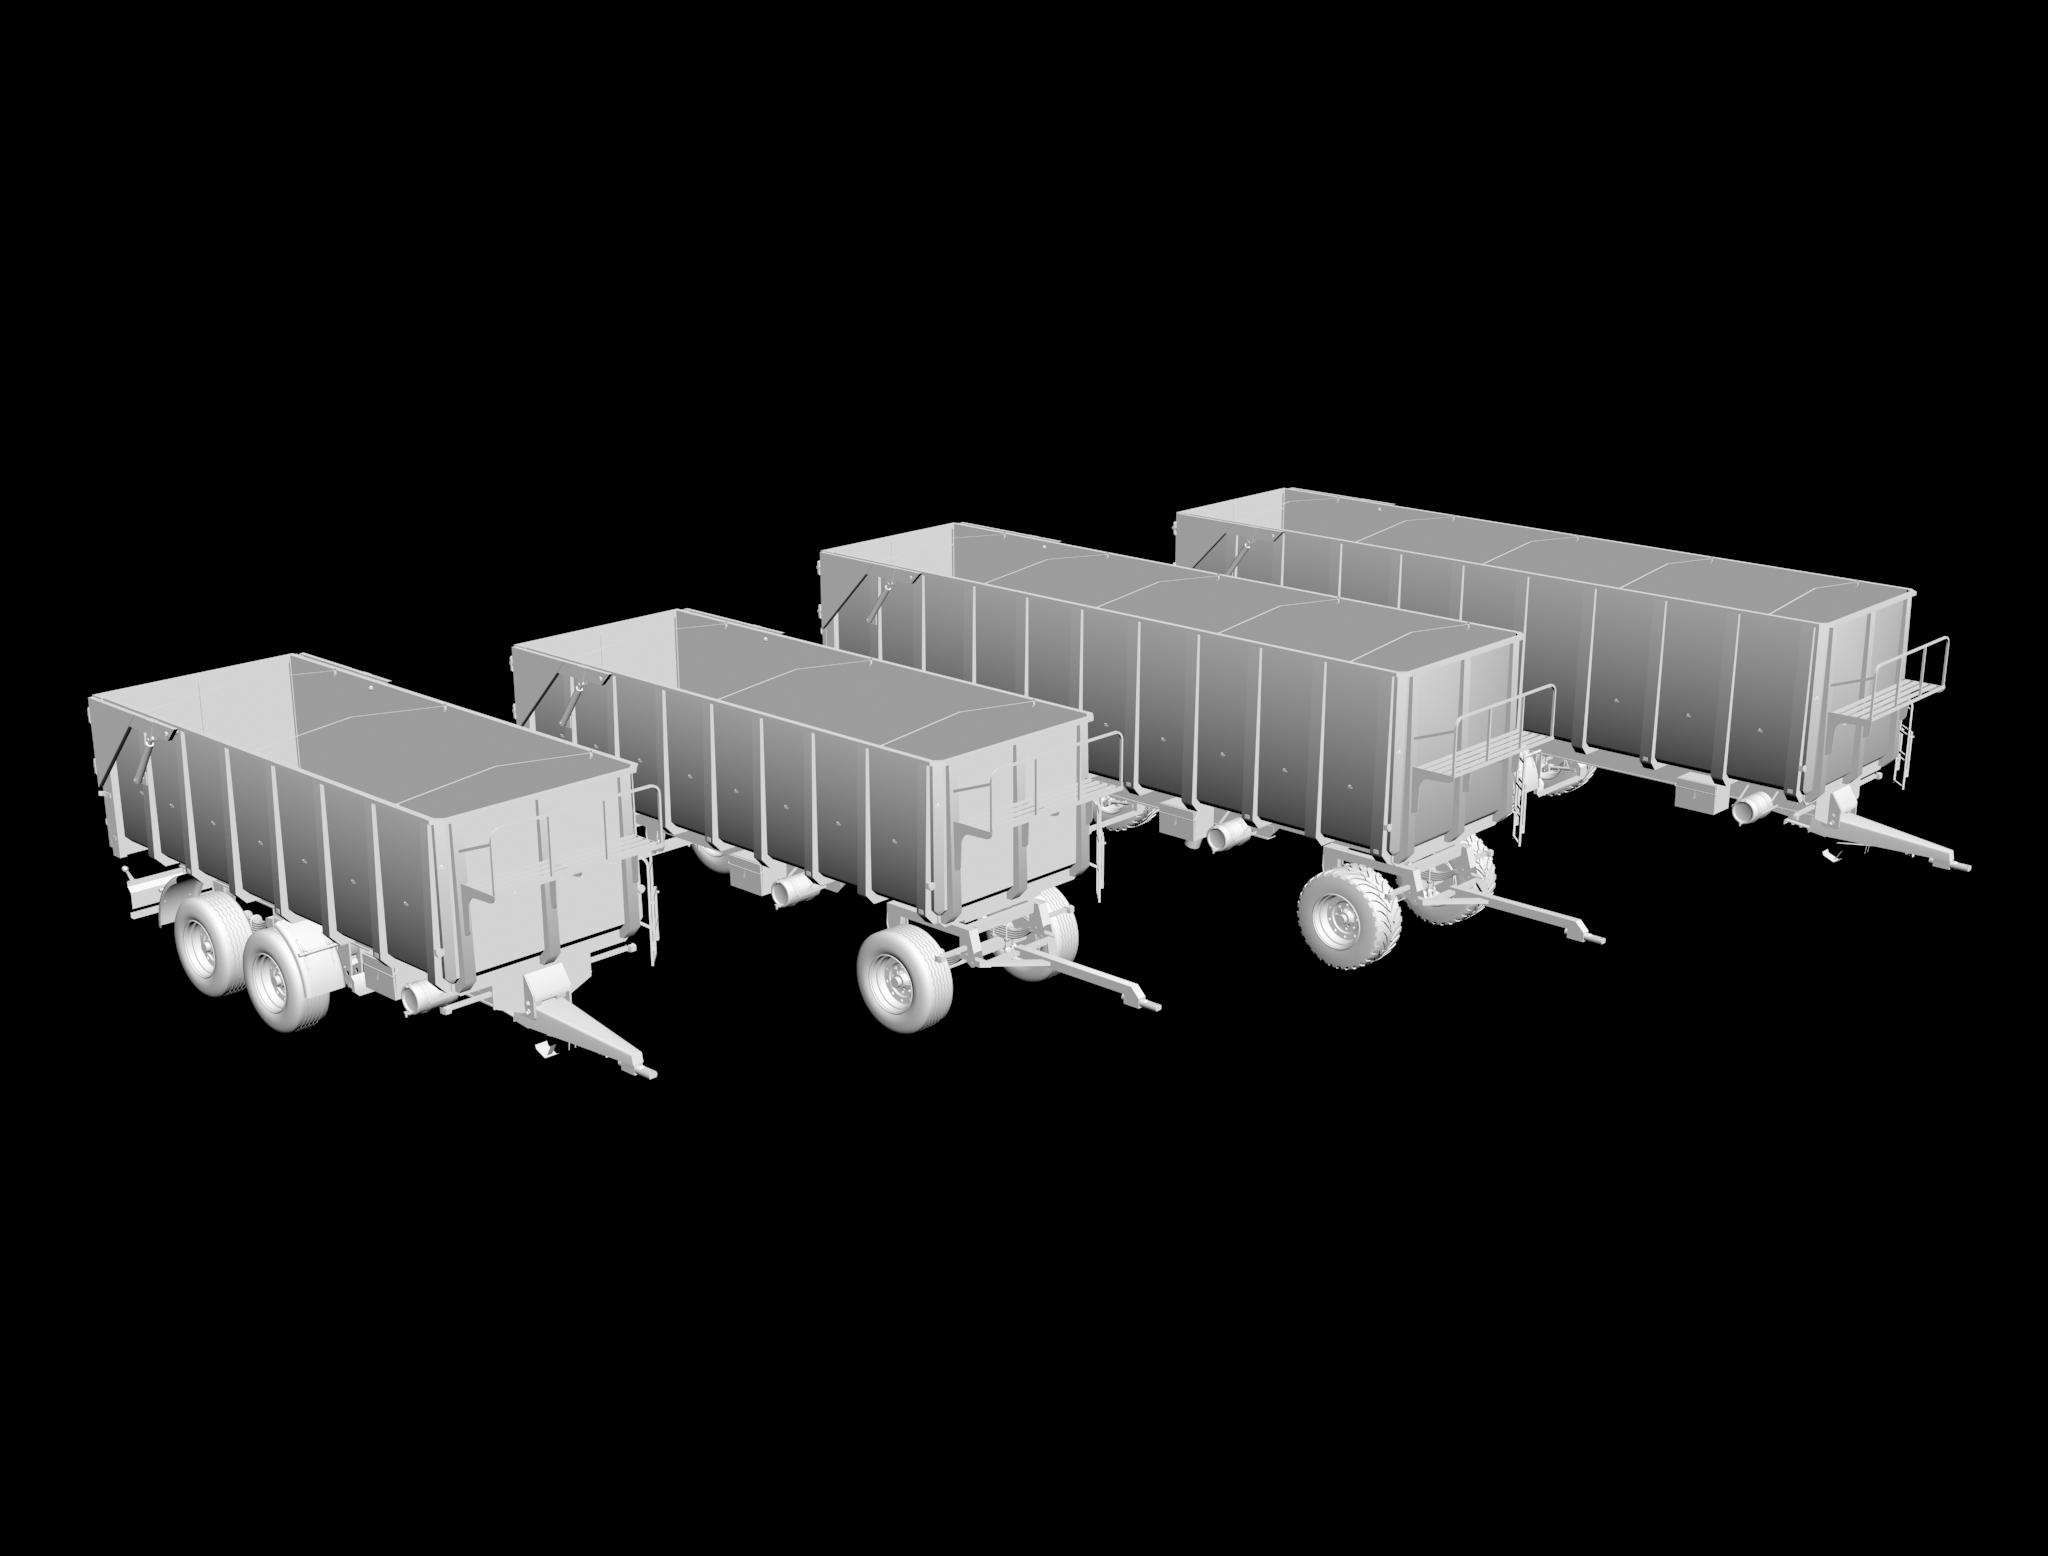 [Encuesta][T.E.P.] Proyecto Aguas Tenias (22 modelos + 1 Camión) [Terminado 21-4-2014]. - Página 2 26k5ane